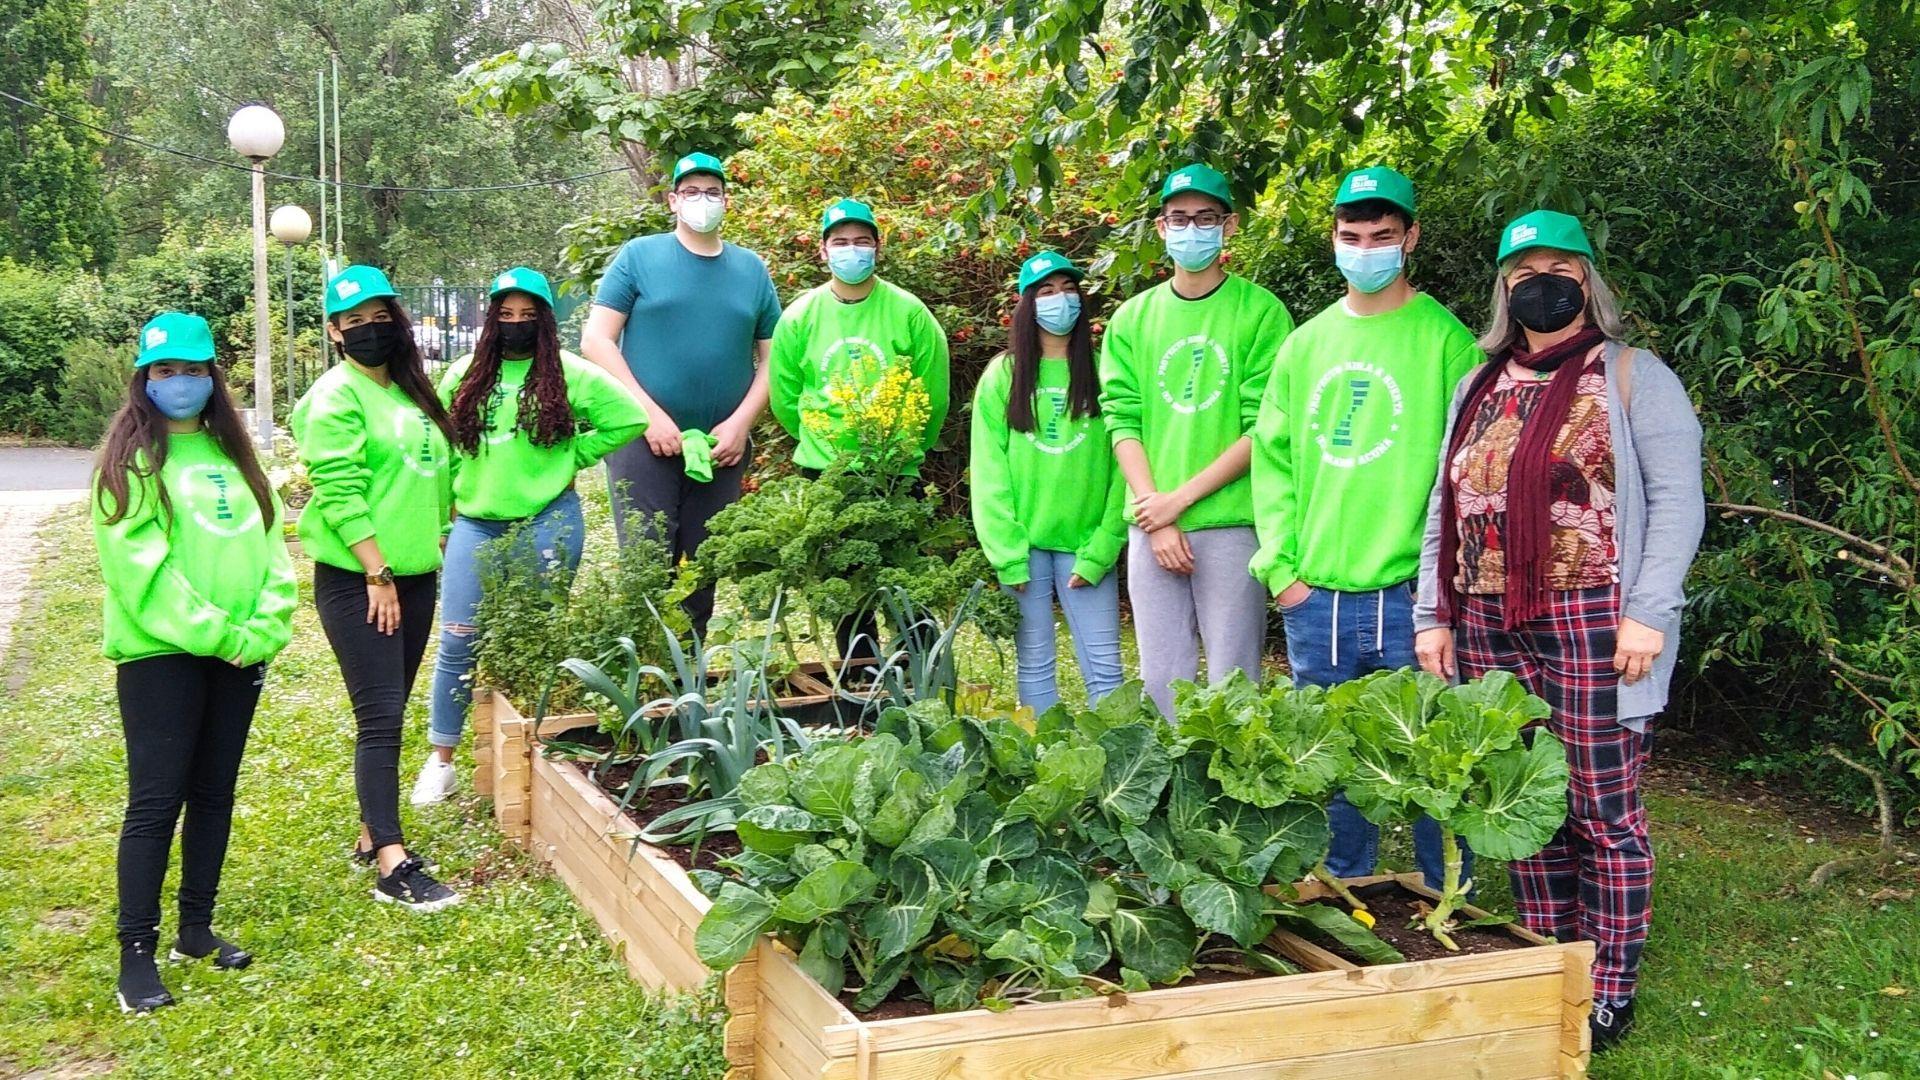 Parte del equipo que se encarga del huerto ecológico del IES Rosario Acuña de Gijón, ante uno de los bancales